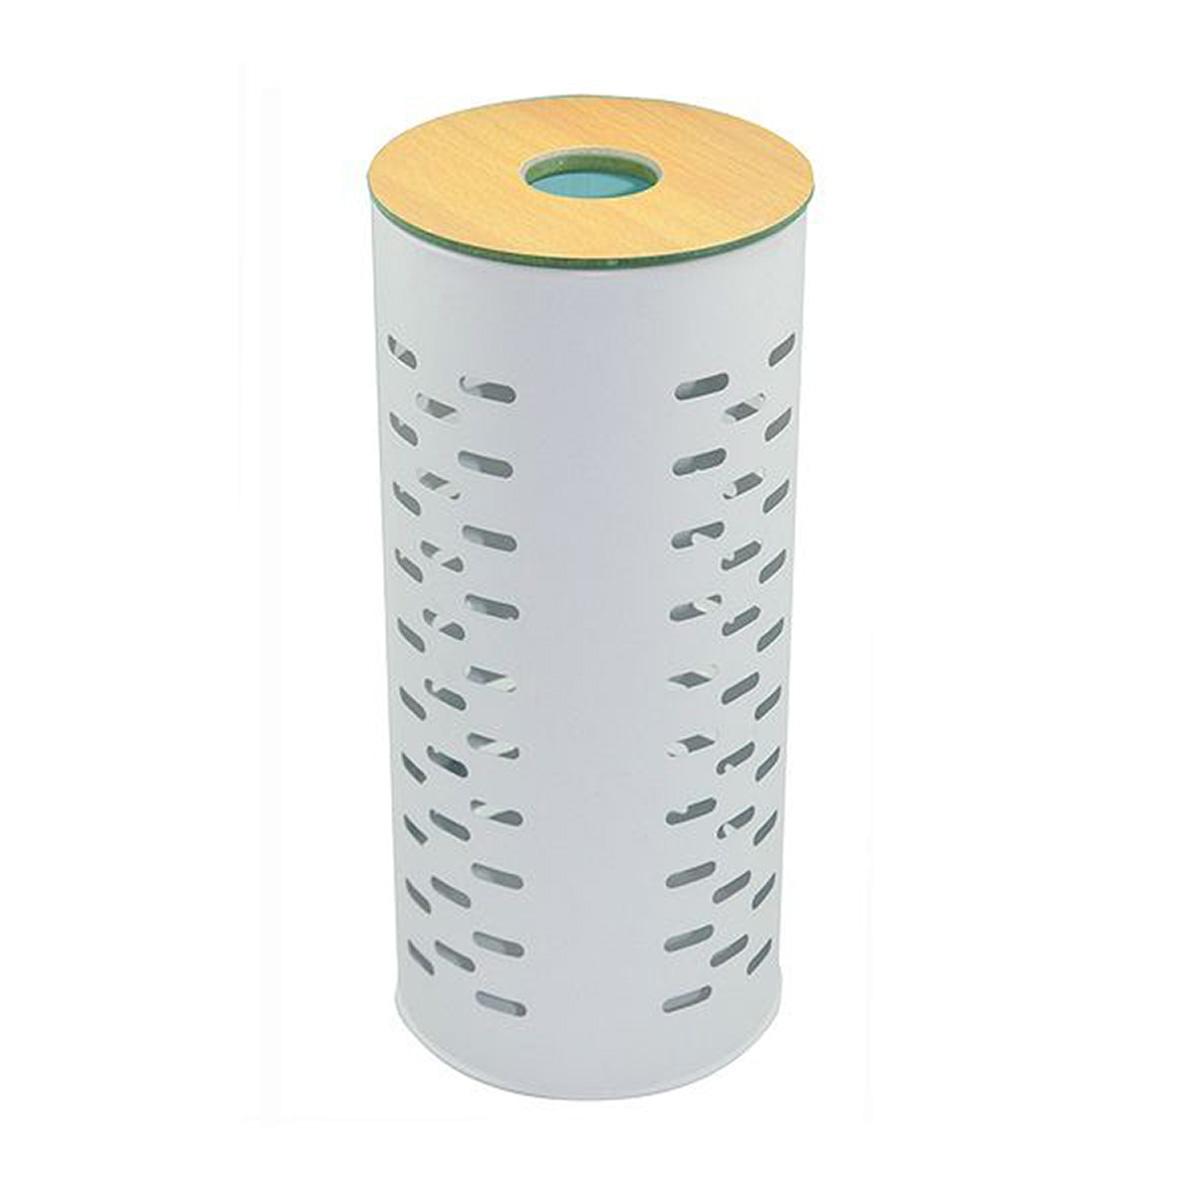 Stockeur de papier toilette en métal (Blanc et Bois)